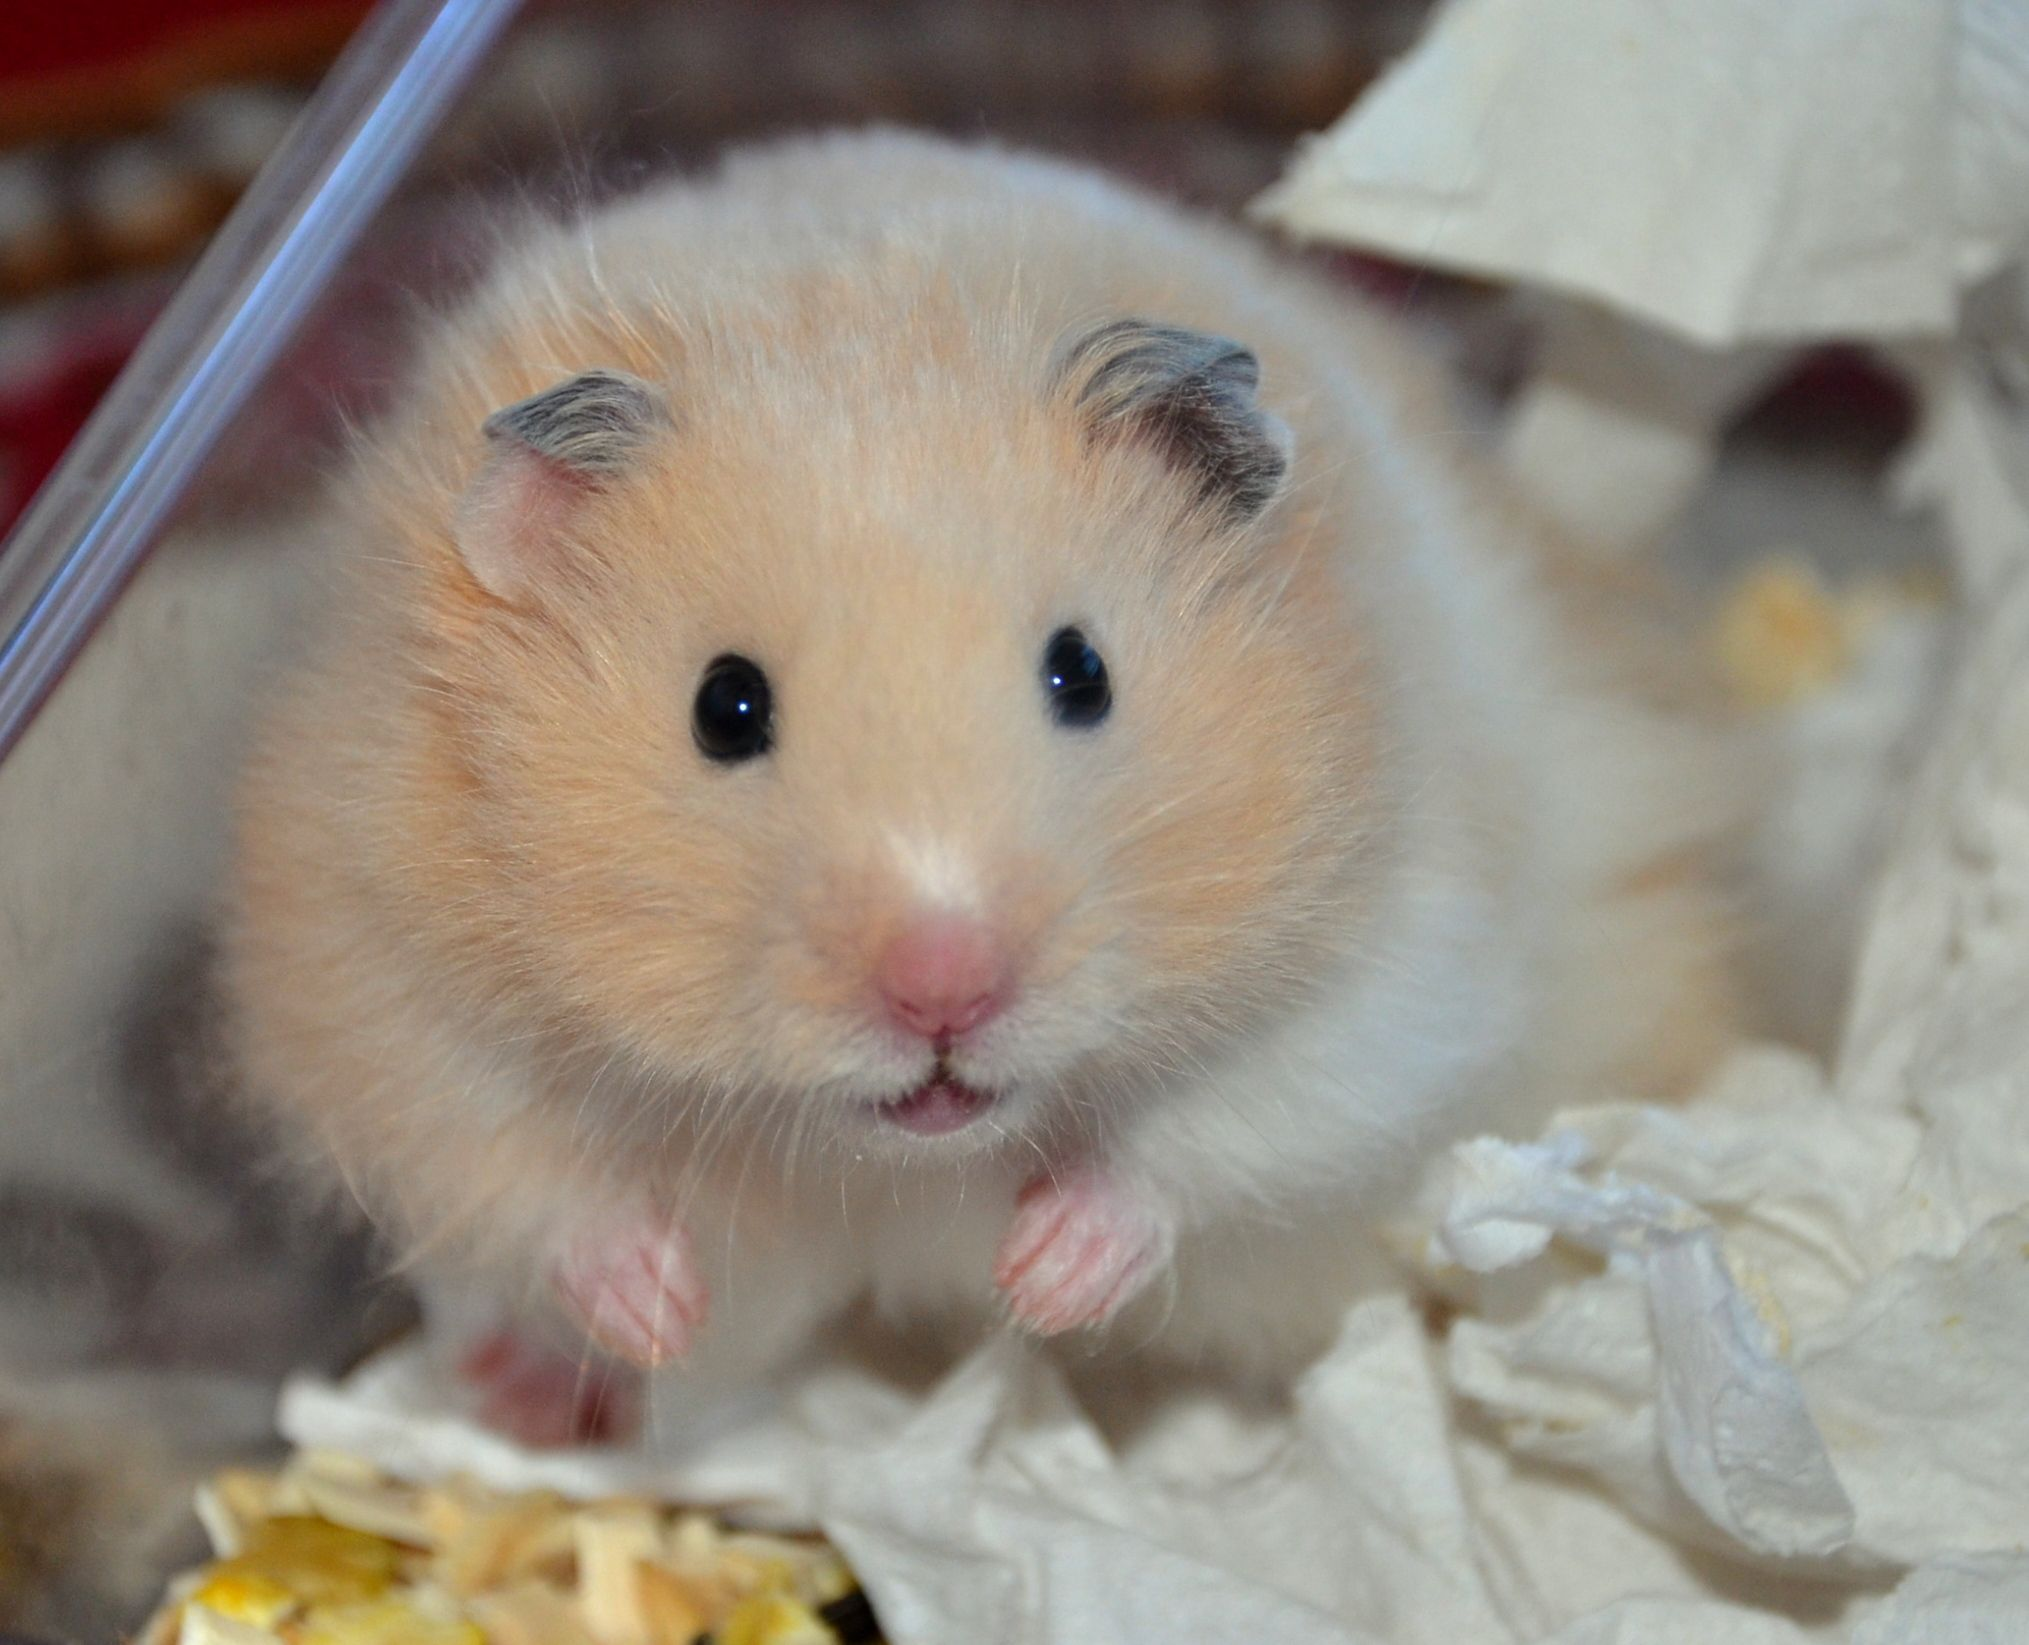 Damon Longhaired Whitebanded Black Eyed Cream Syrian Male C J Johtela Bear Hamster Hamster Best Pets For Kids